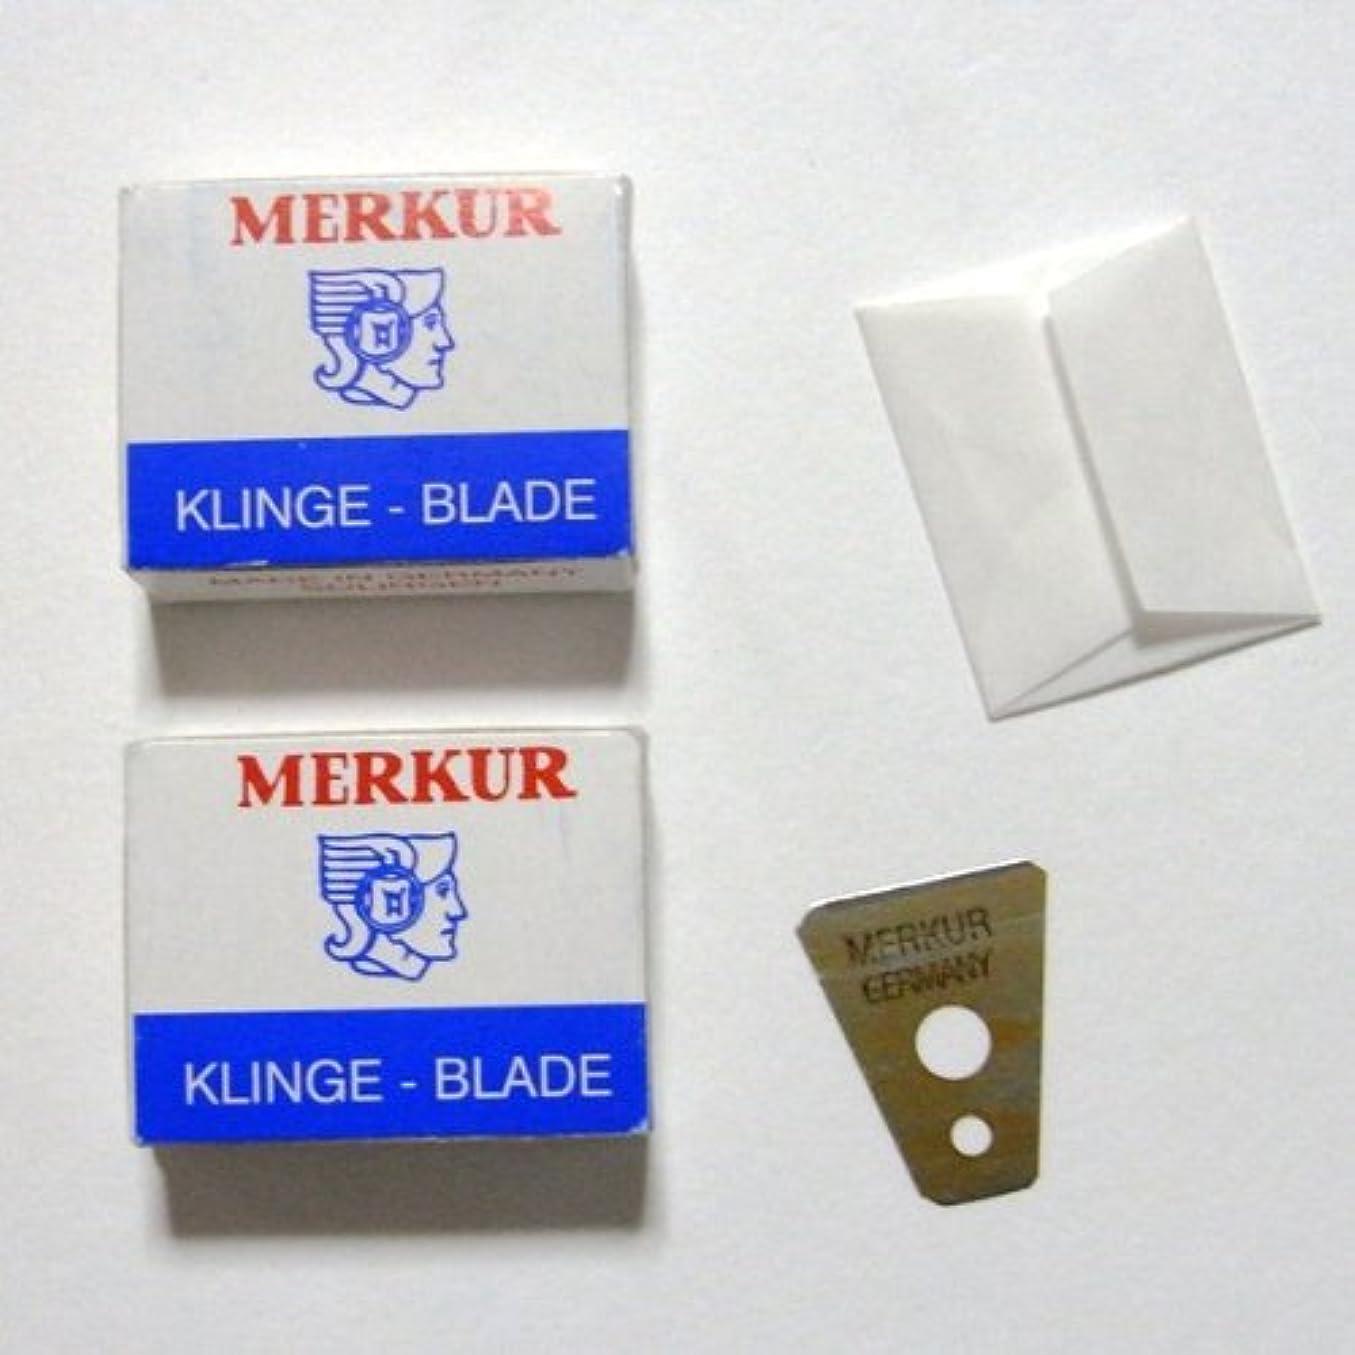 効率致命的製造ゾーリンゲン(独)メルクールMERKUR口髭眉毛用カミソリ替刃20枚